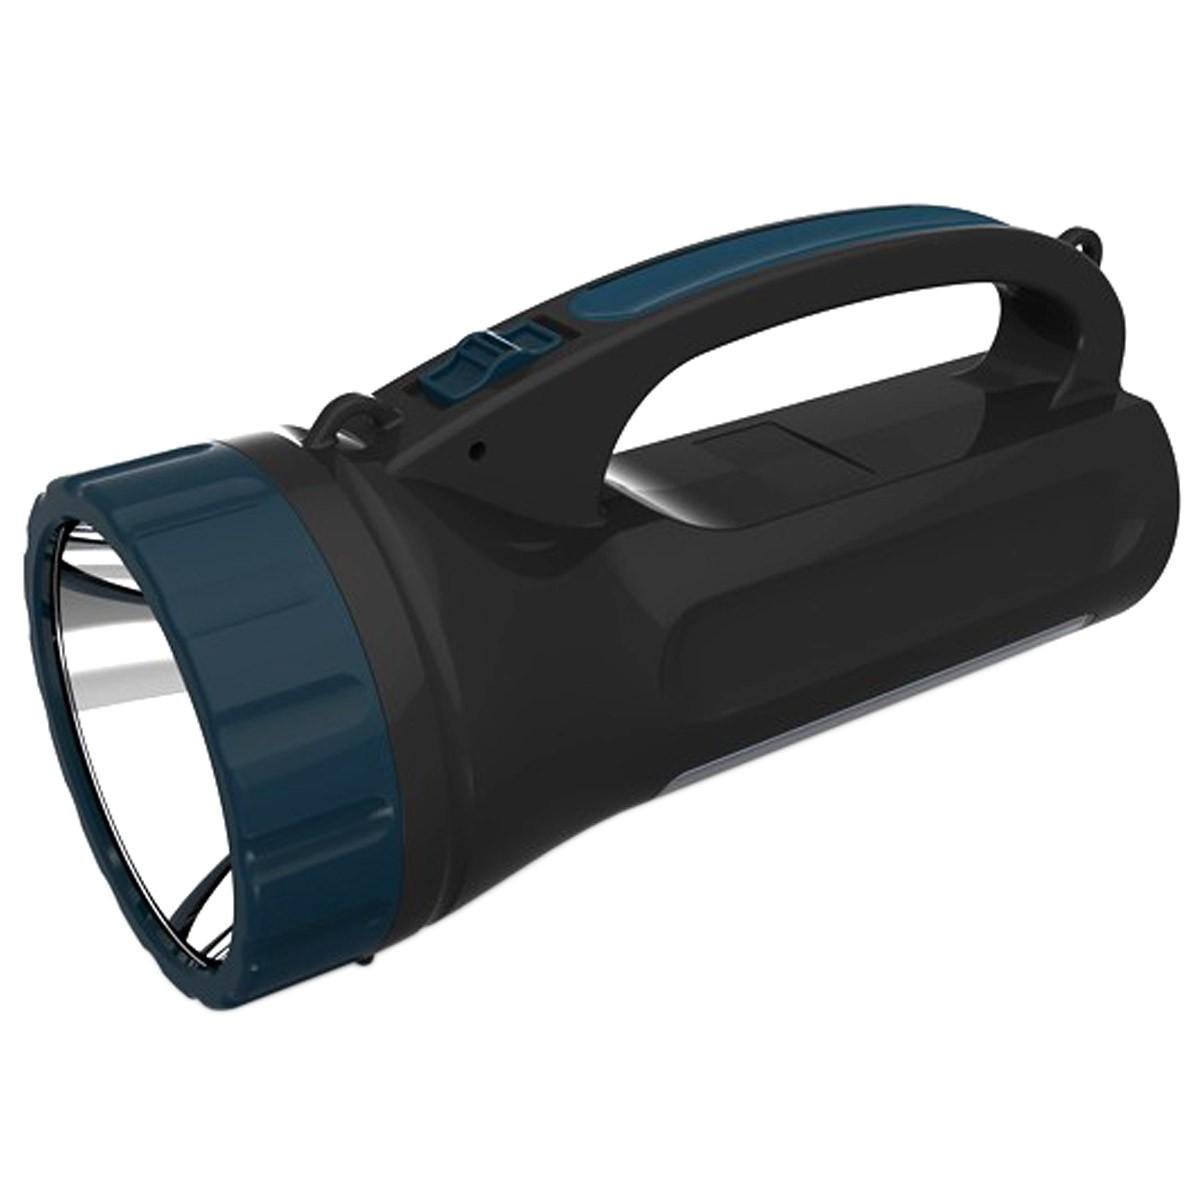 Lanterna LED c/ Alça e Função Luminária YG-5715 - NSBAO